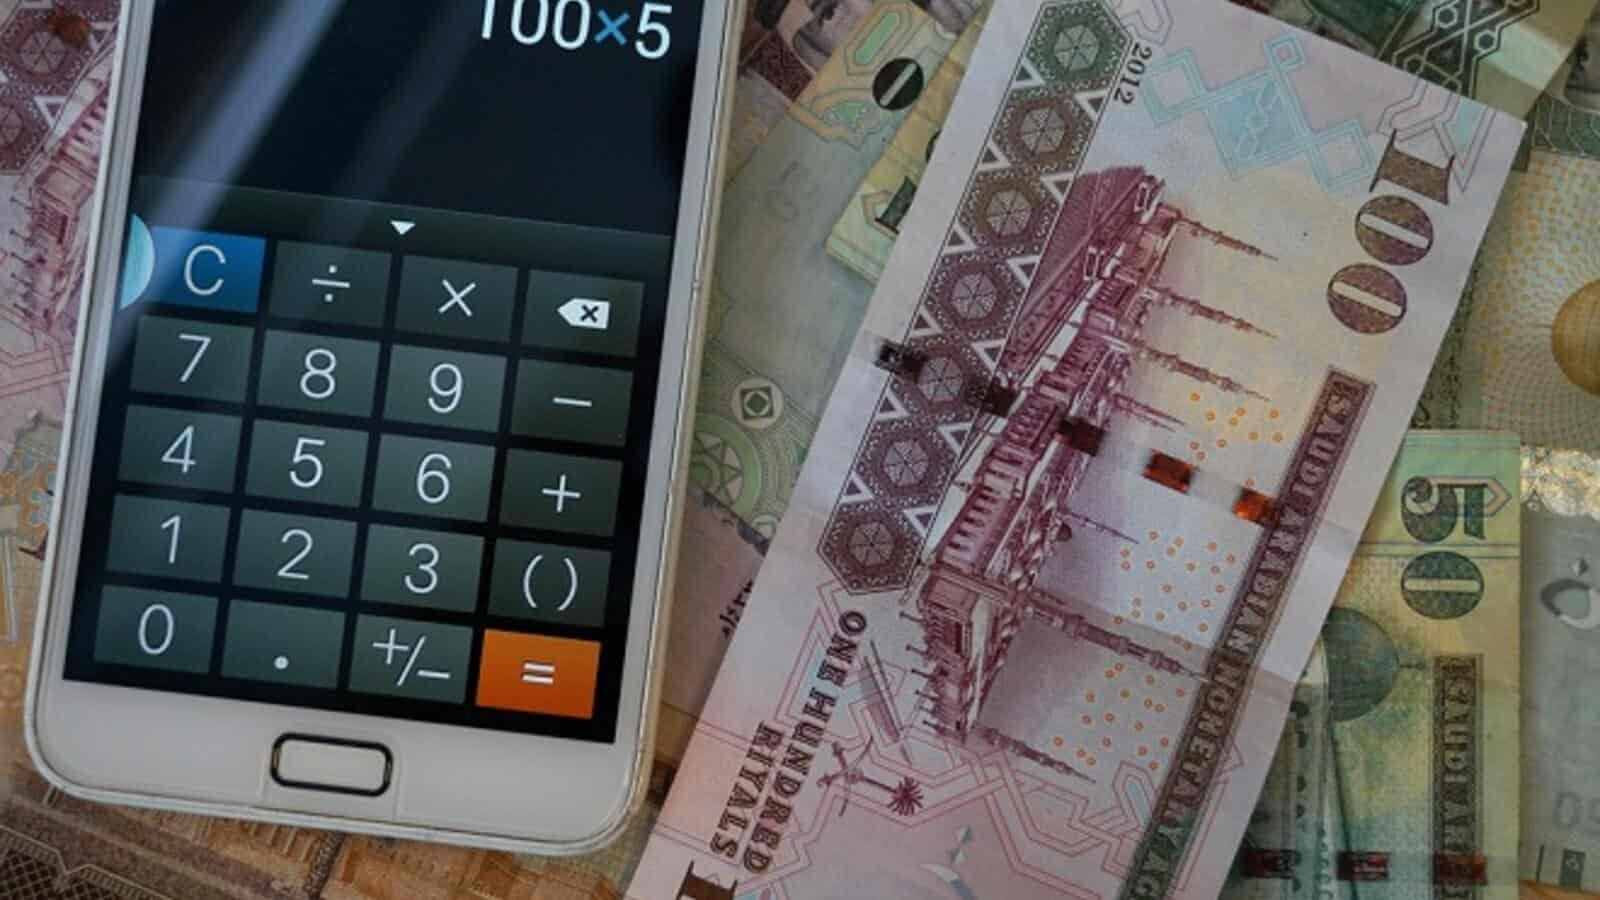 Place of Supply under VAT in KSA